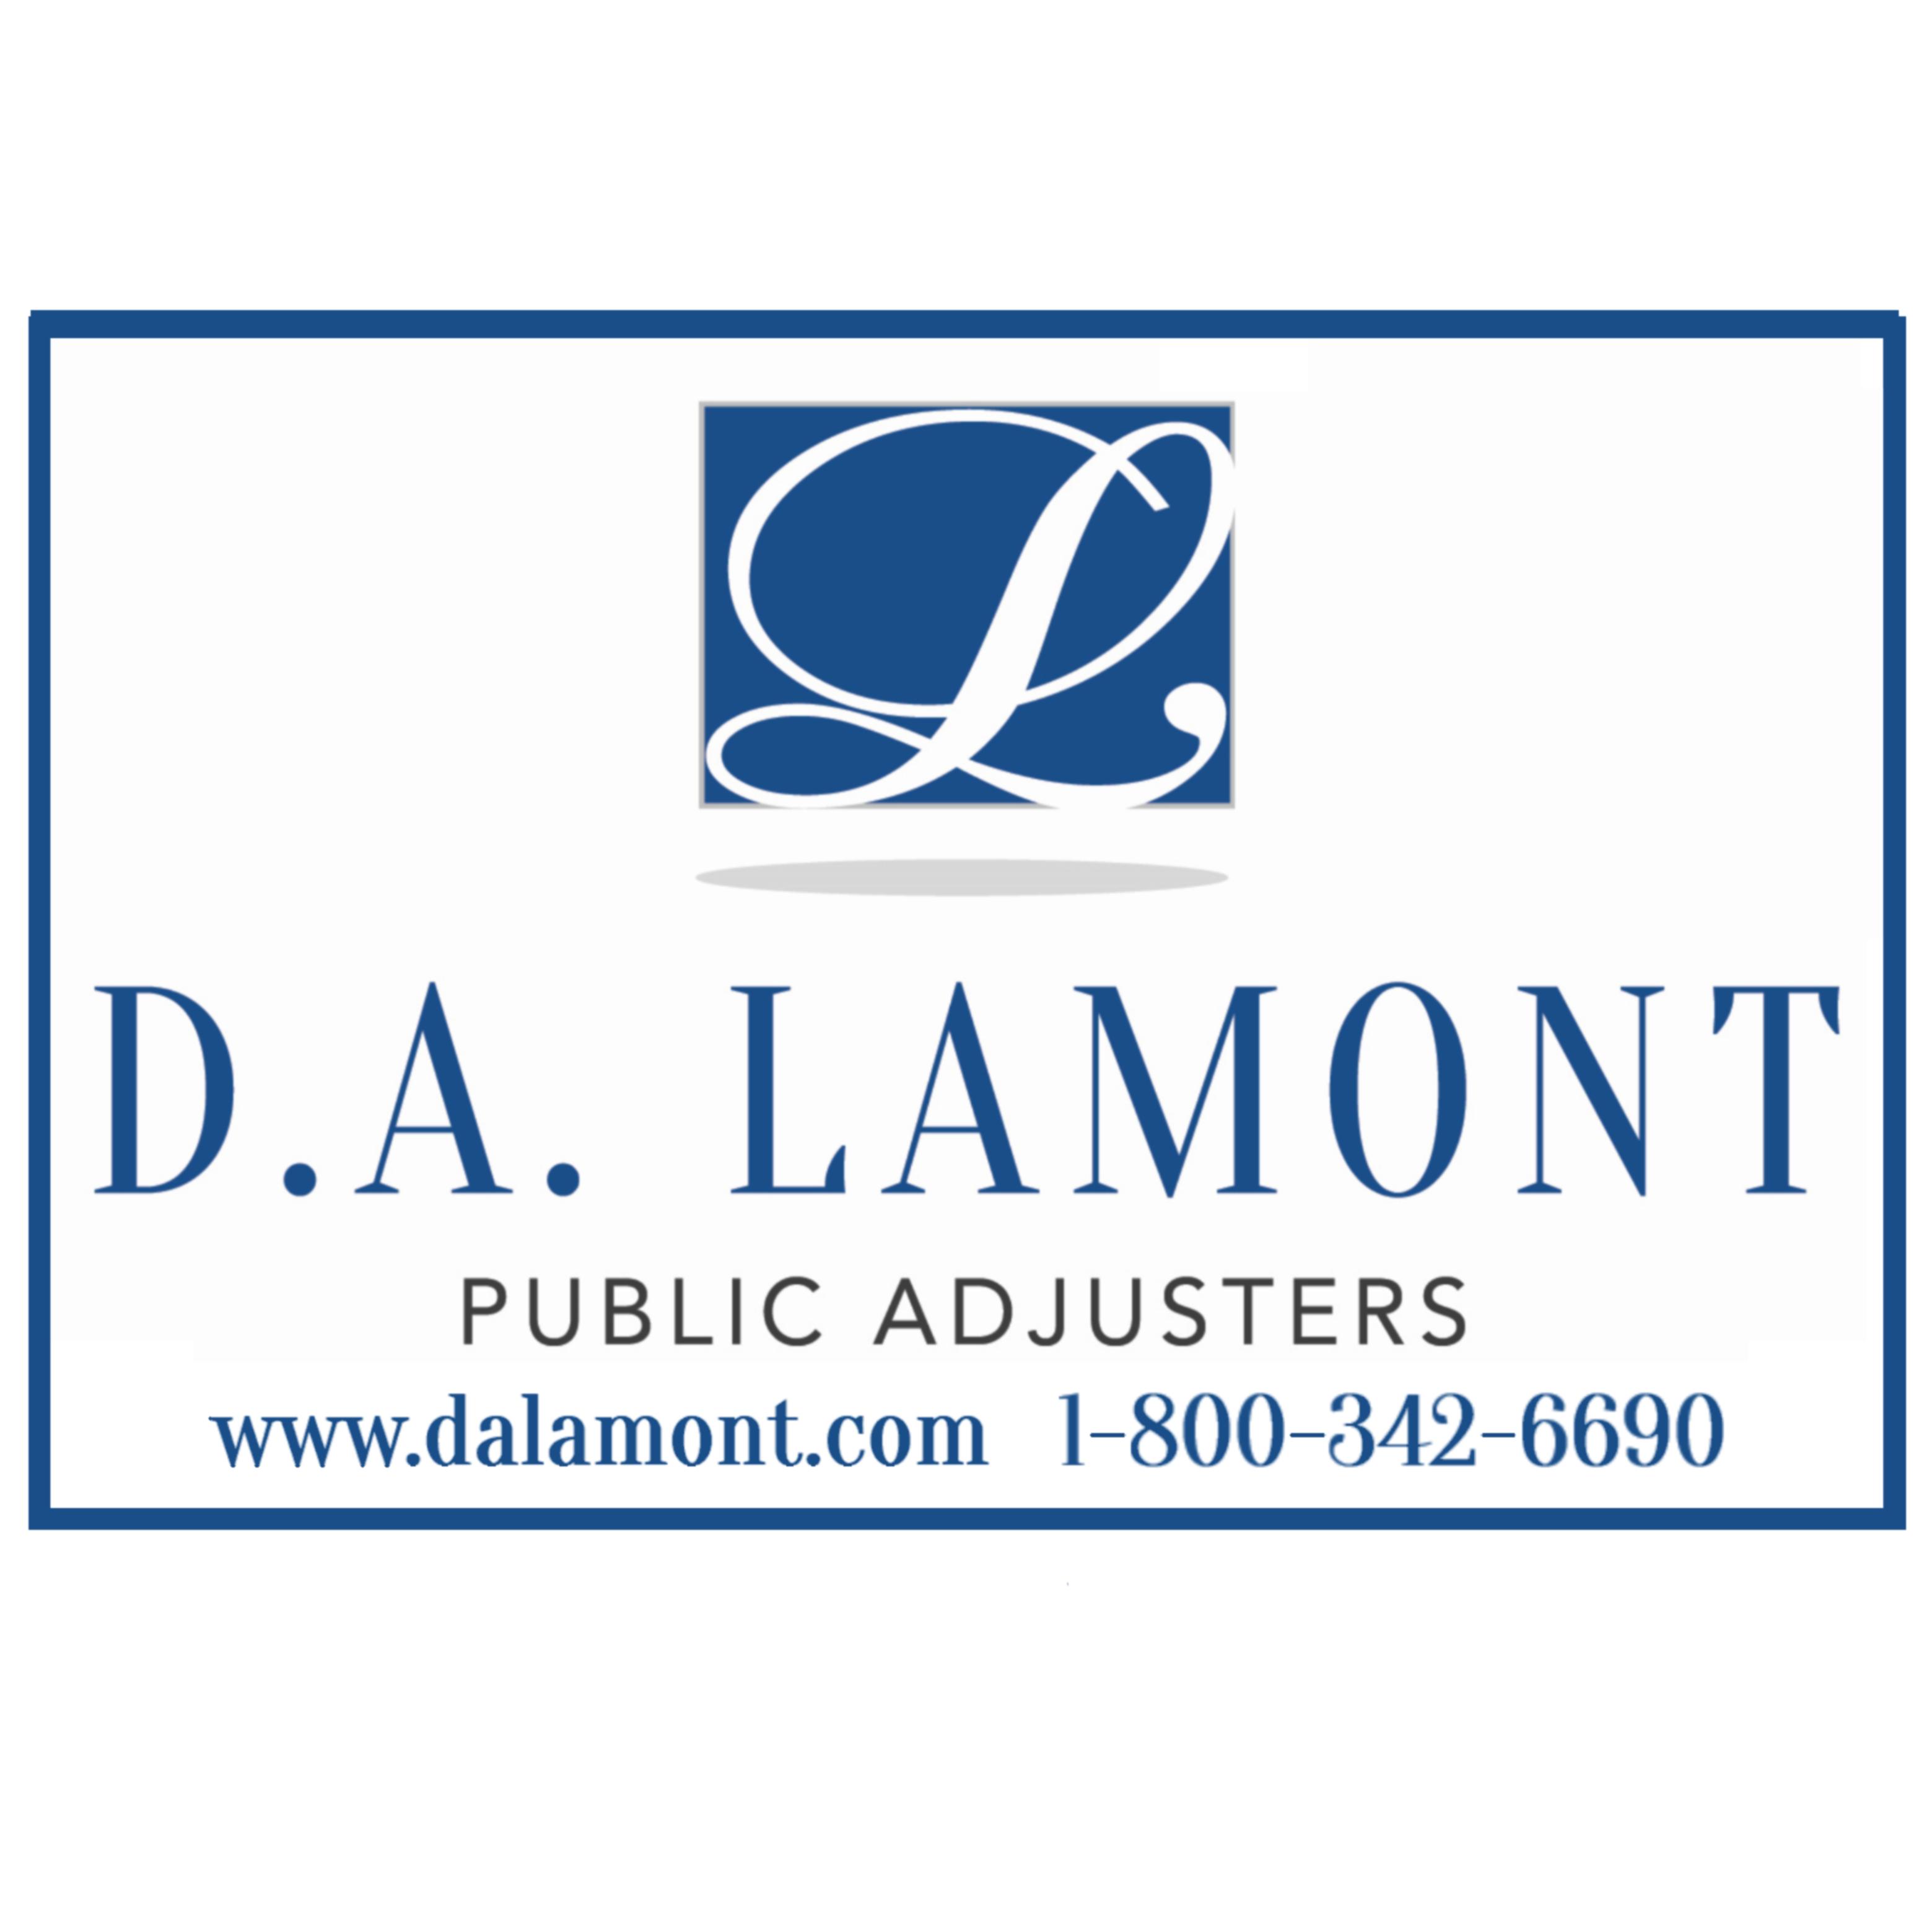 D. A. Lamont Public Adjusters - Springtown, TX - Insurance Agents